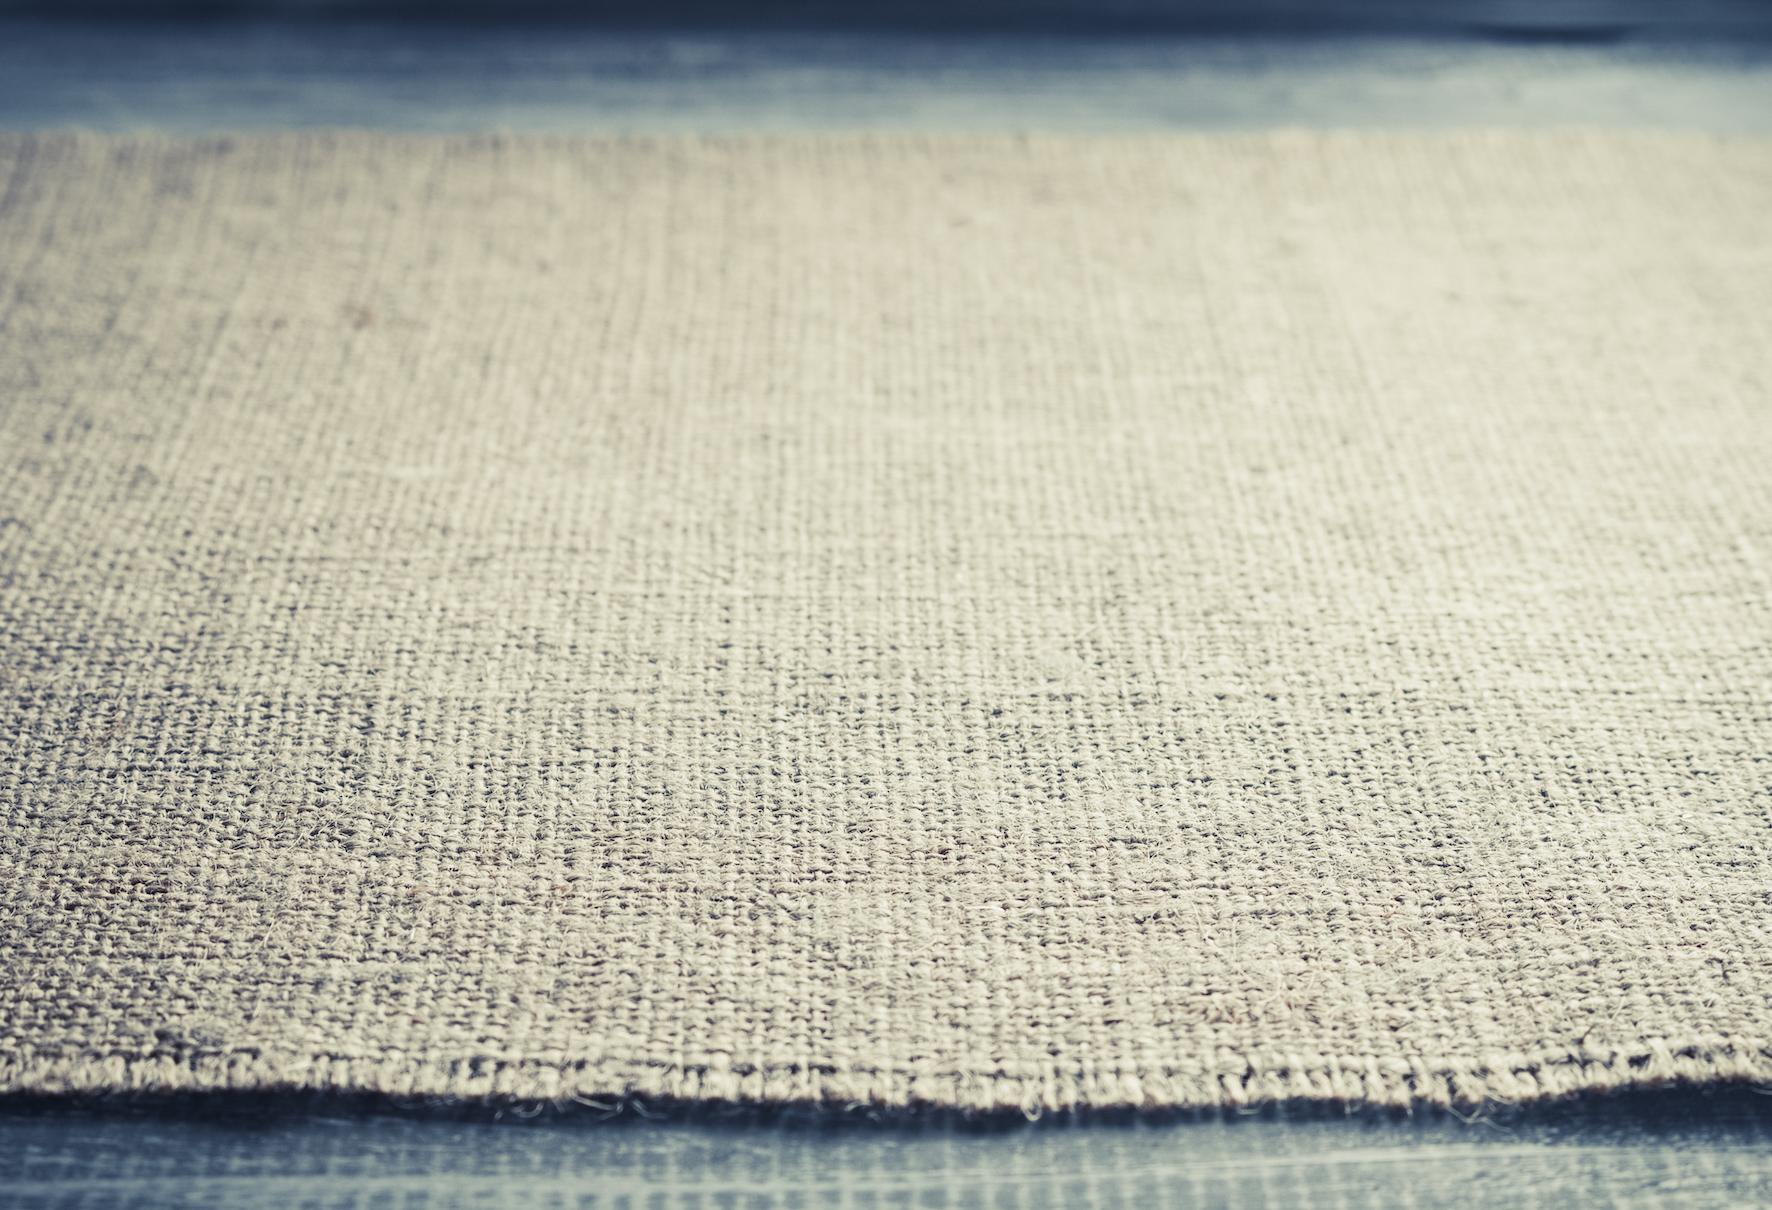 tejido-de-sisal--materia-natural-de-hogar-sostenible-o-ecologico